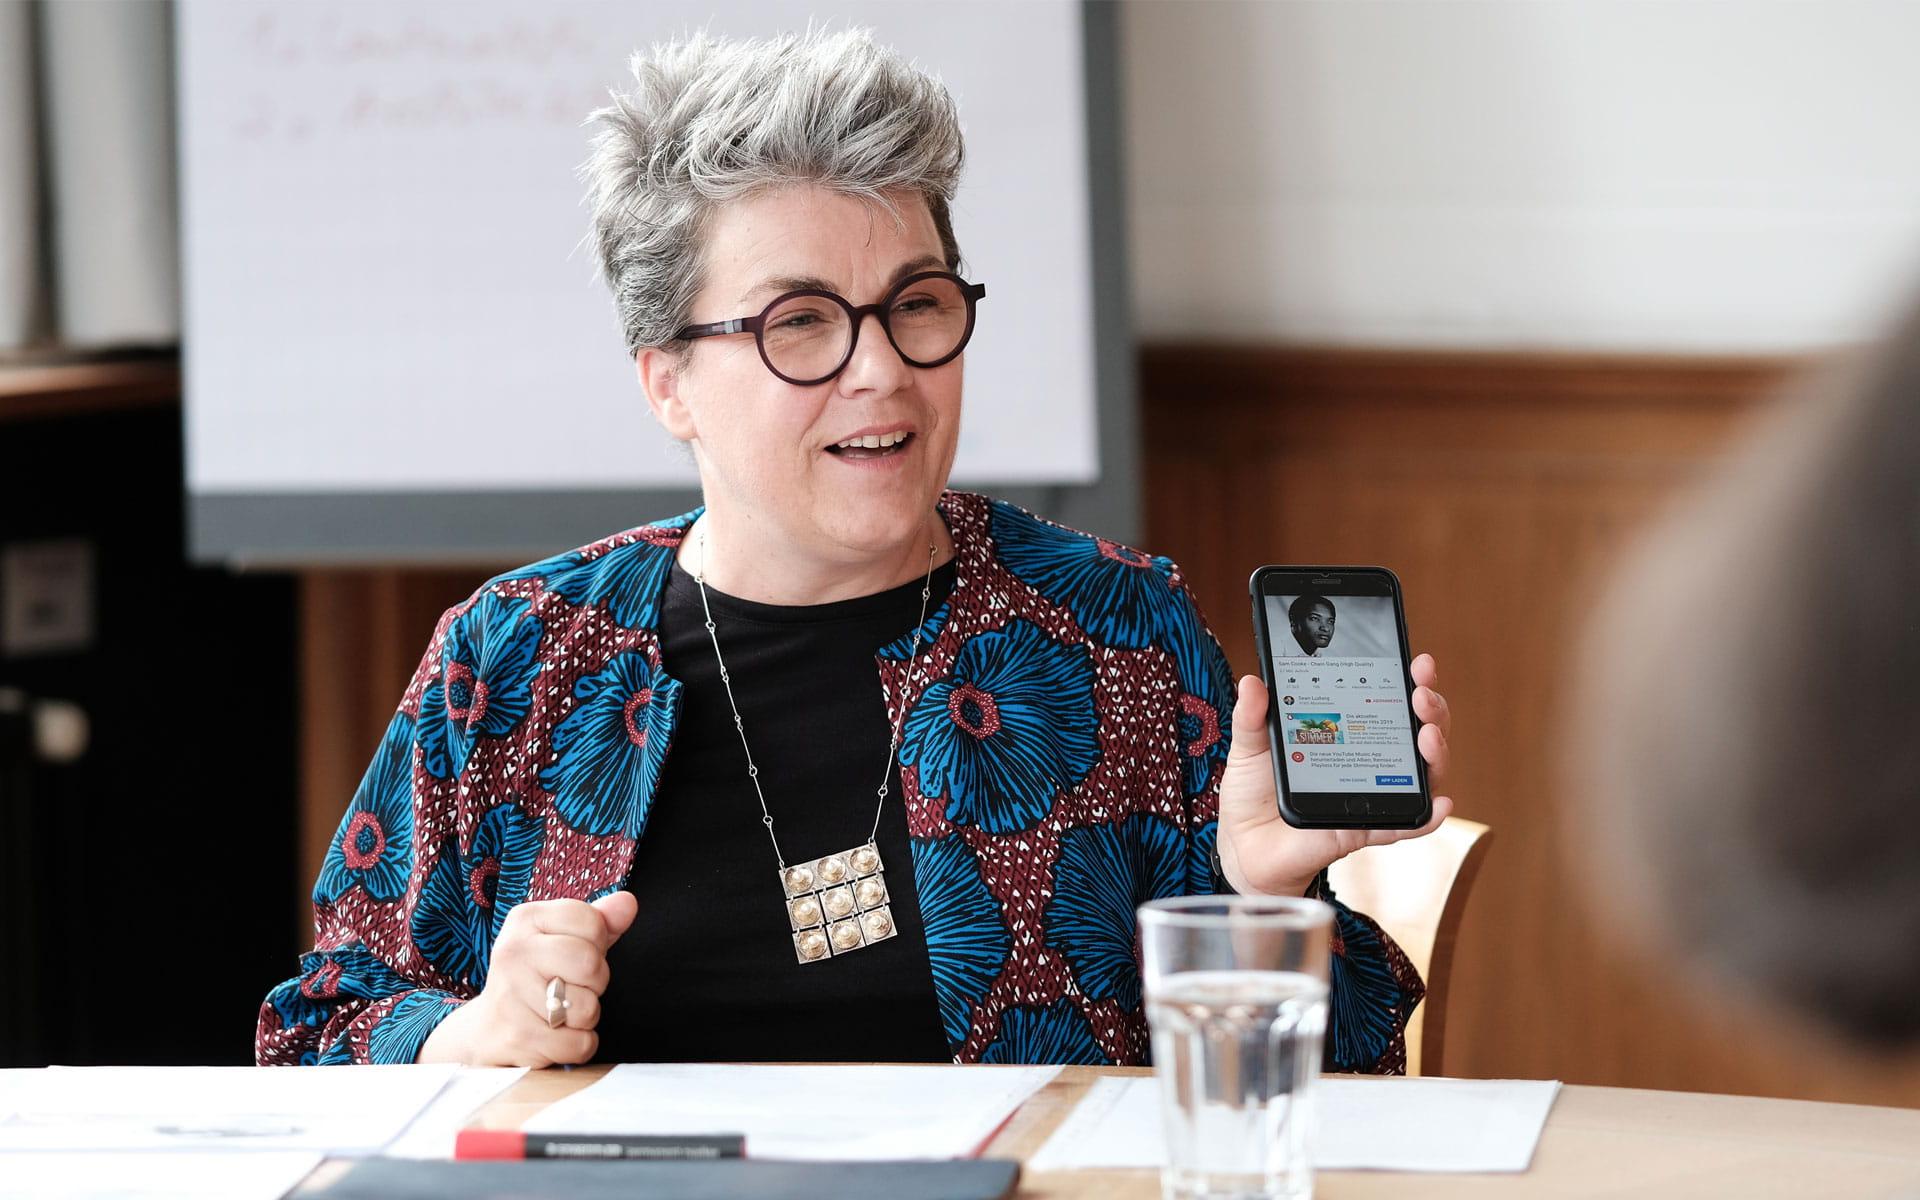 Elisabeth Weller: Lucia Berlins kühne Kurzgeschichten, Samstag, 13.07.19               /                   16.00              Uhr <br/>(c) Sebastian Wenzel